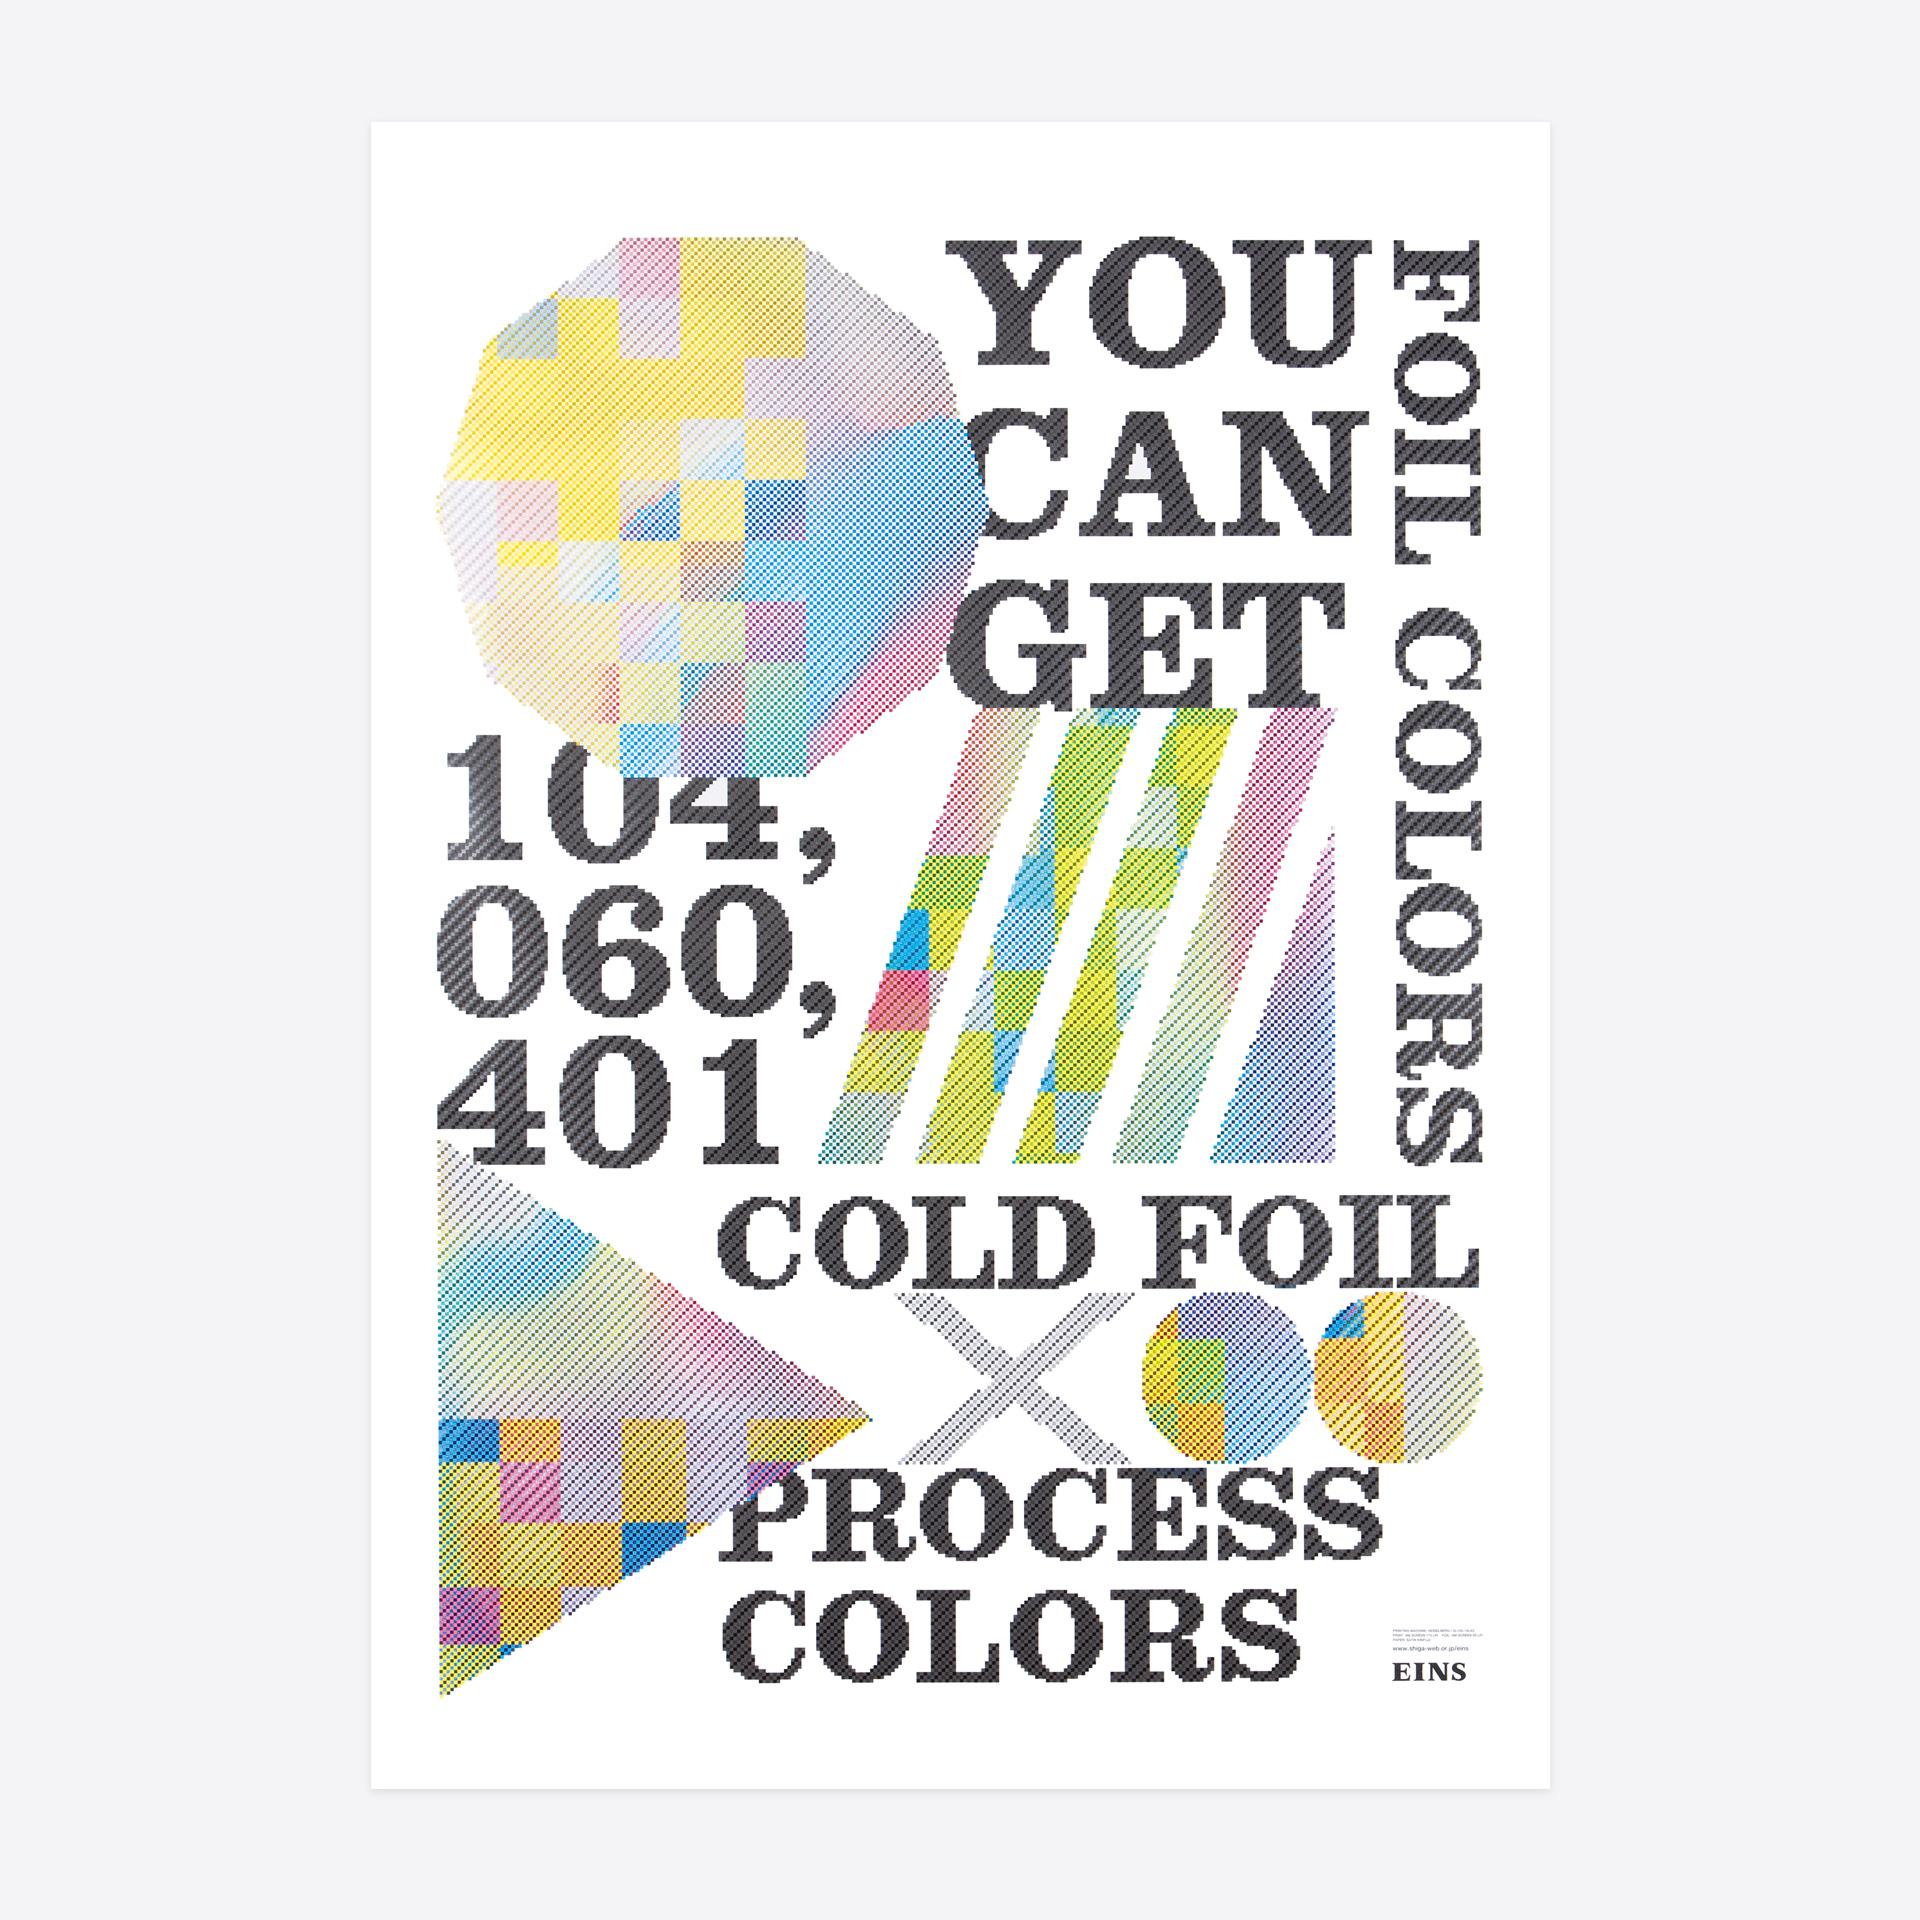 Cold Foil × Process 4c 2013